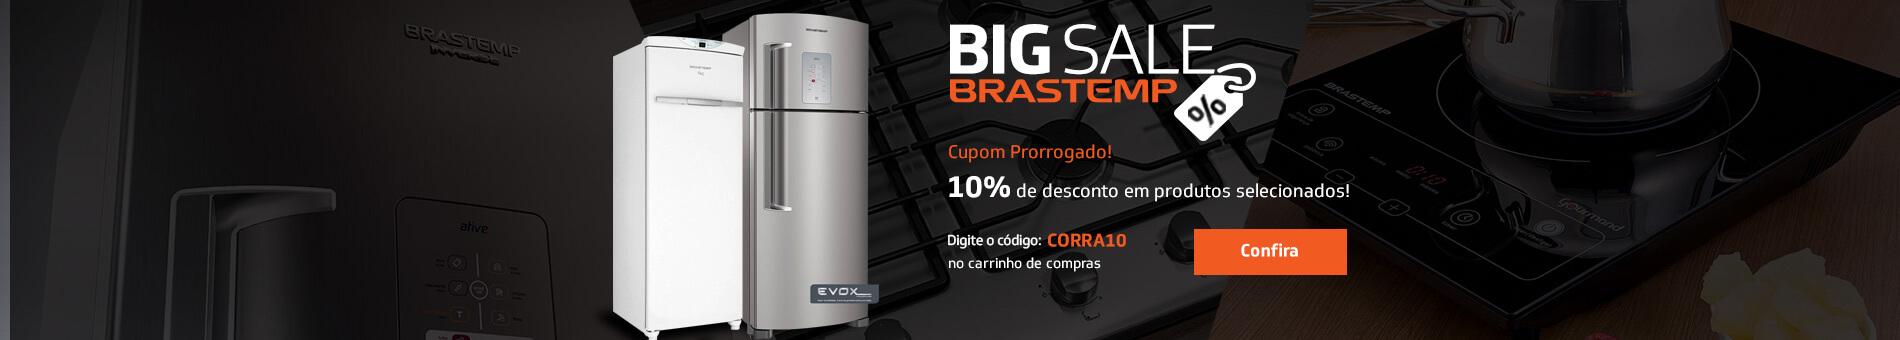 Promoção Interna - 1008 - bigsale_refriefreezer_home1_21102016 - refriefreezer - 1